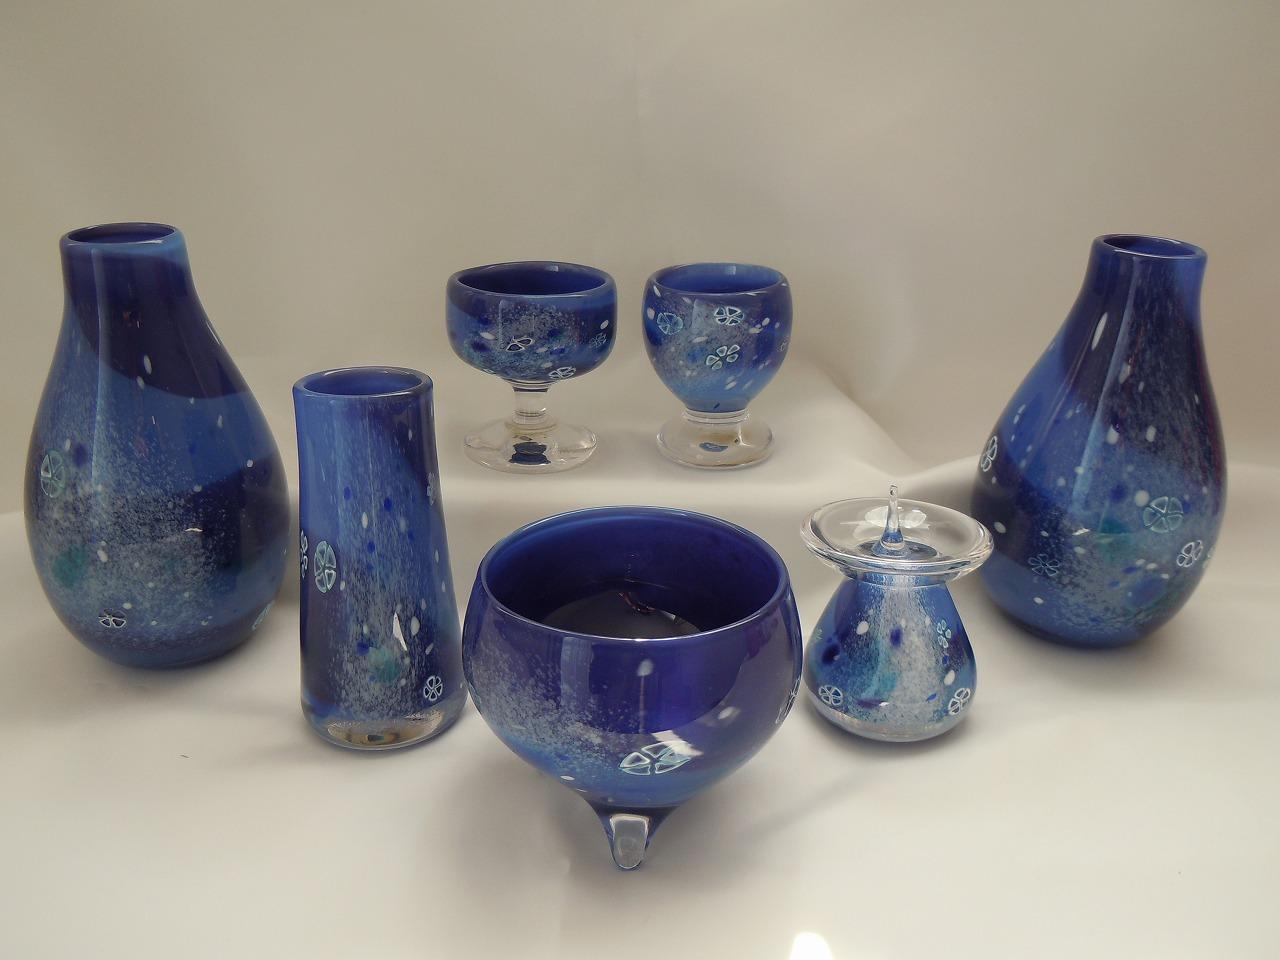 ブルーの仏具